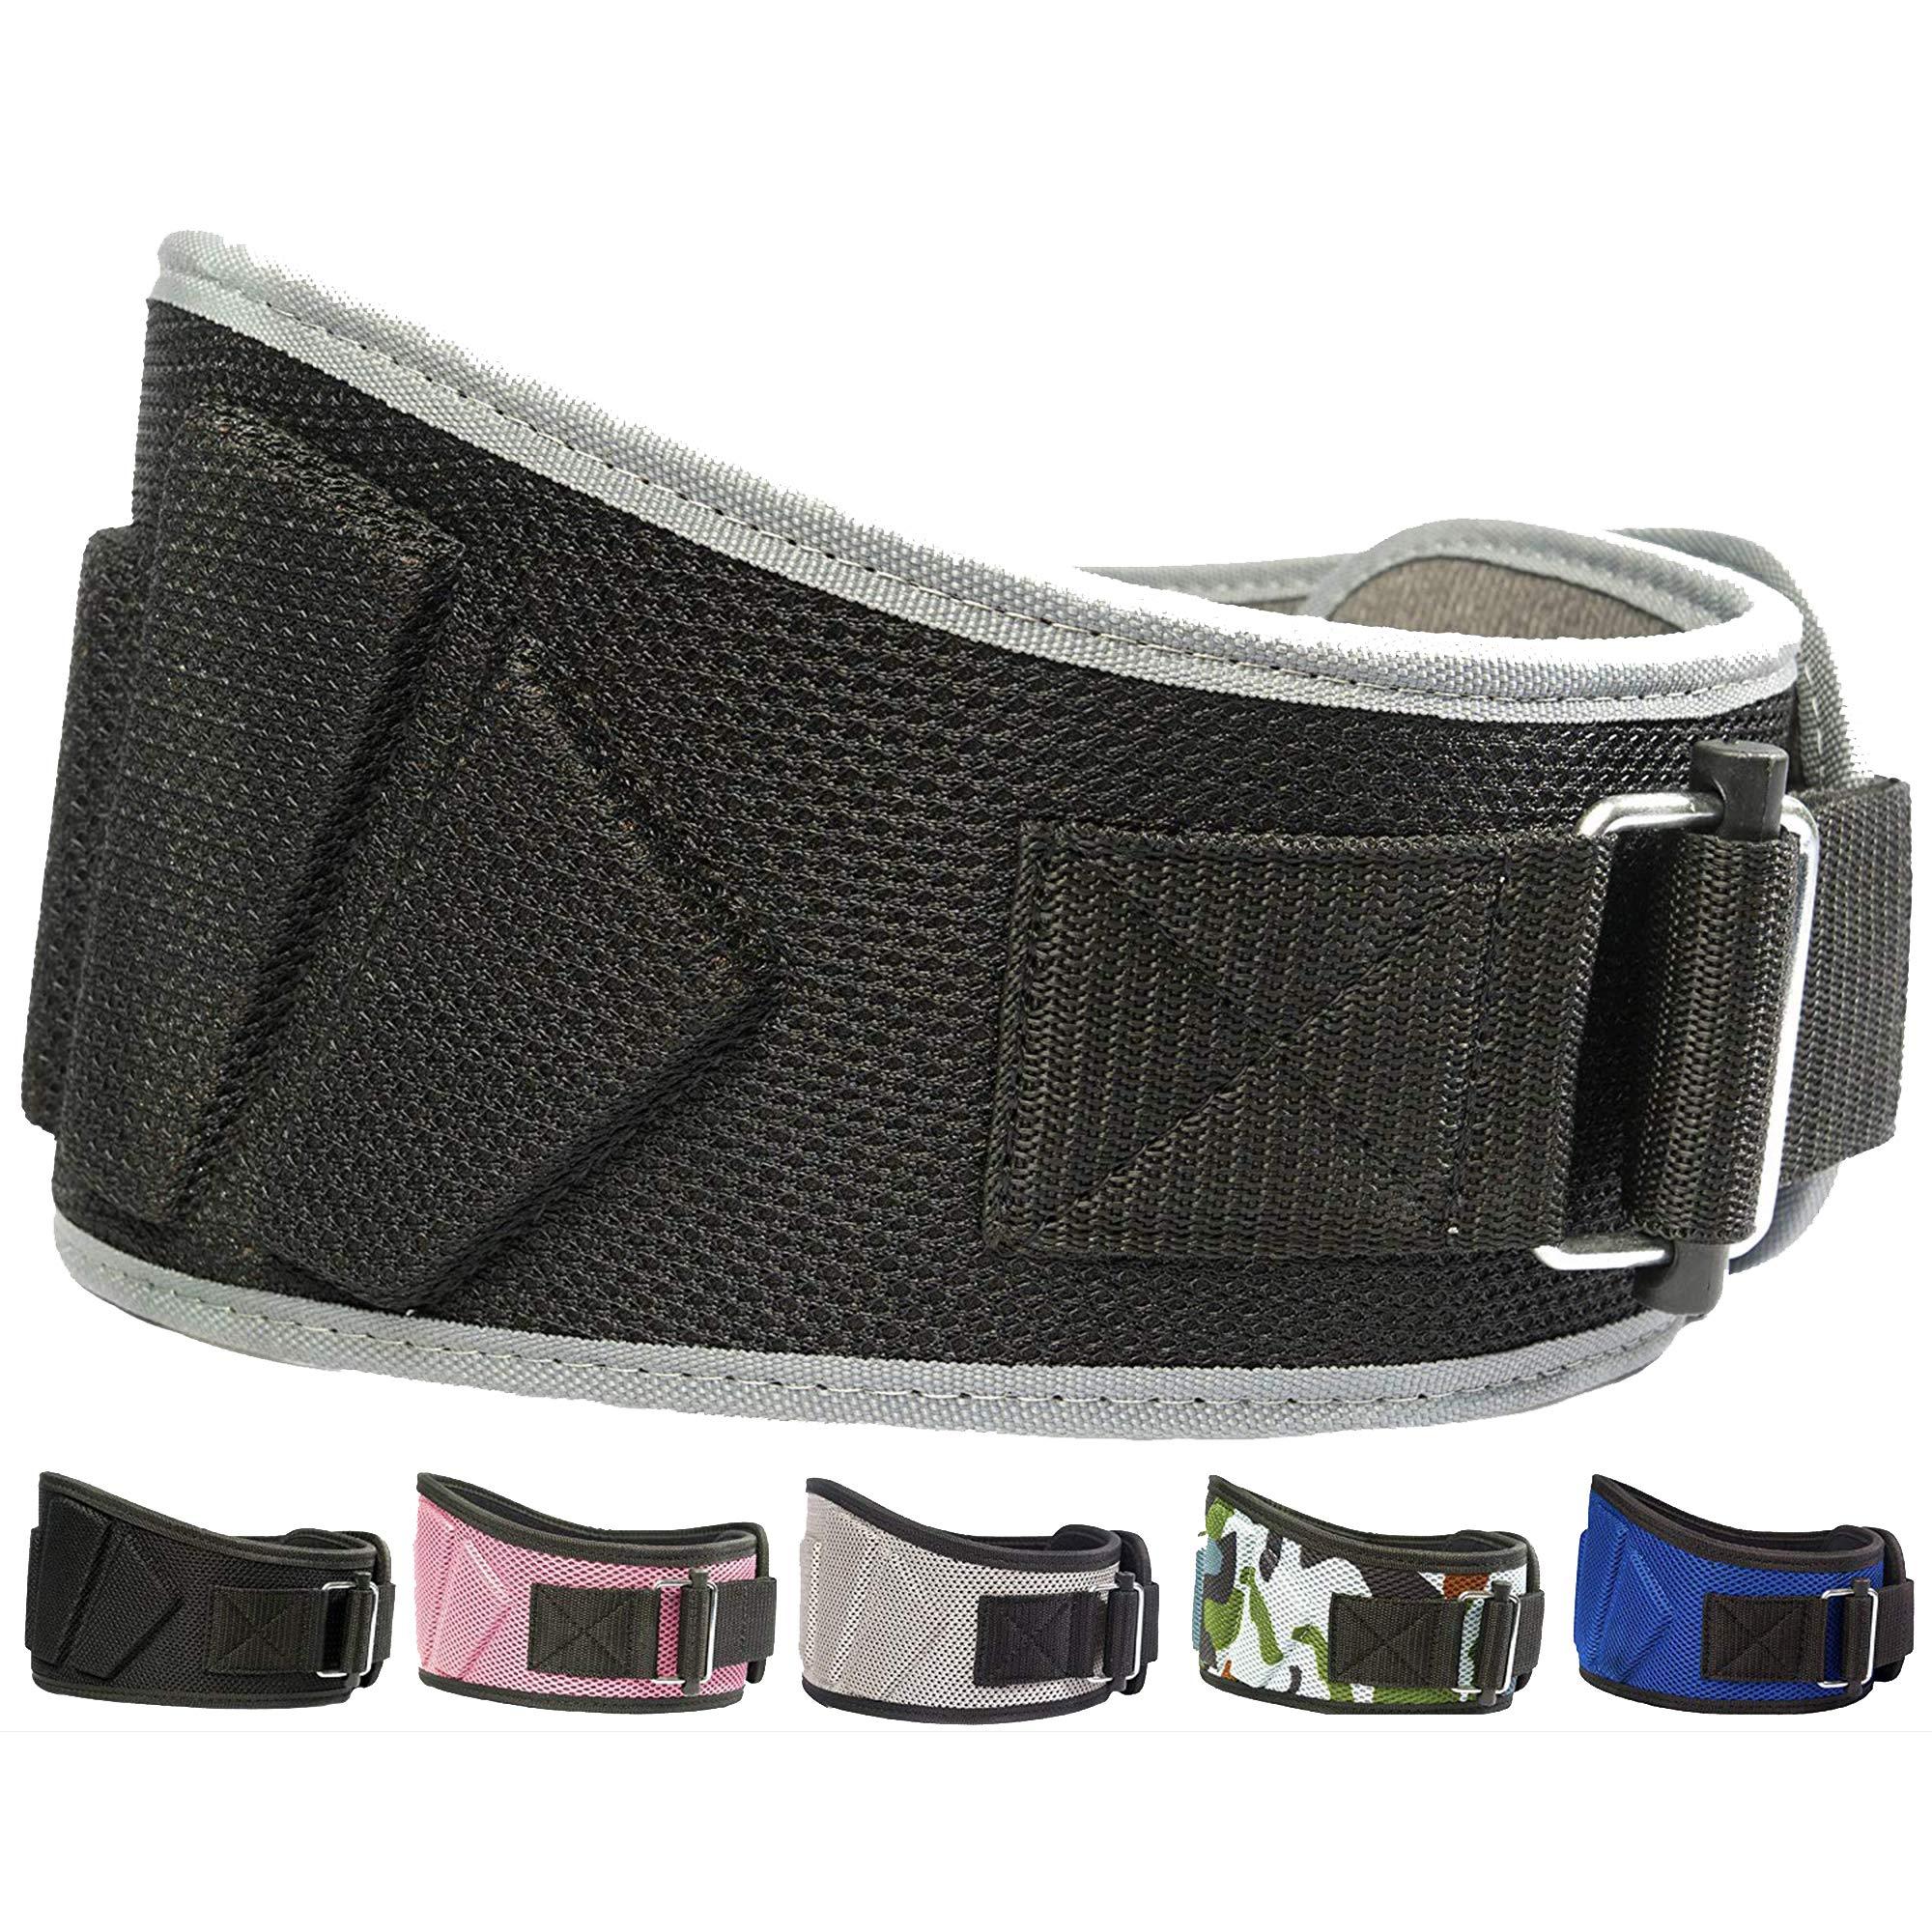 Fire Team Fit Lifting Belt, Gym Belt, Weight Lifting Belts, Weight Belts for Lifting (Black/Grey, 32'' - 38'' Around Navel, Medium)